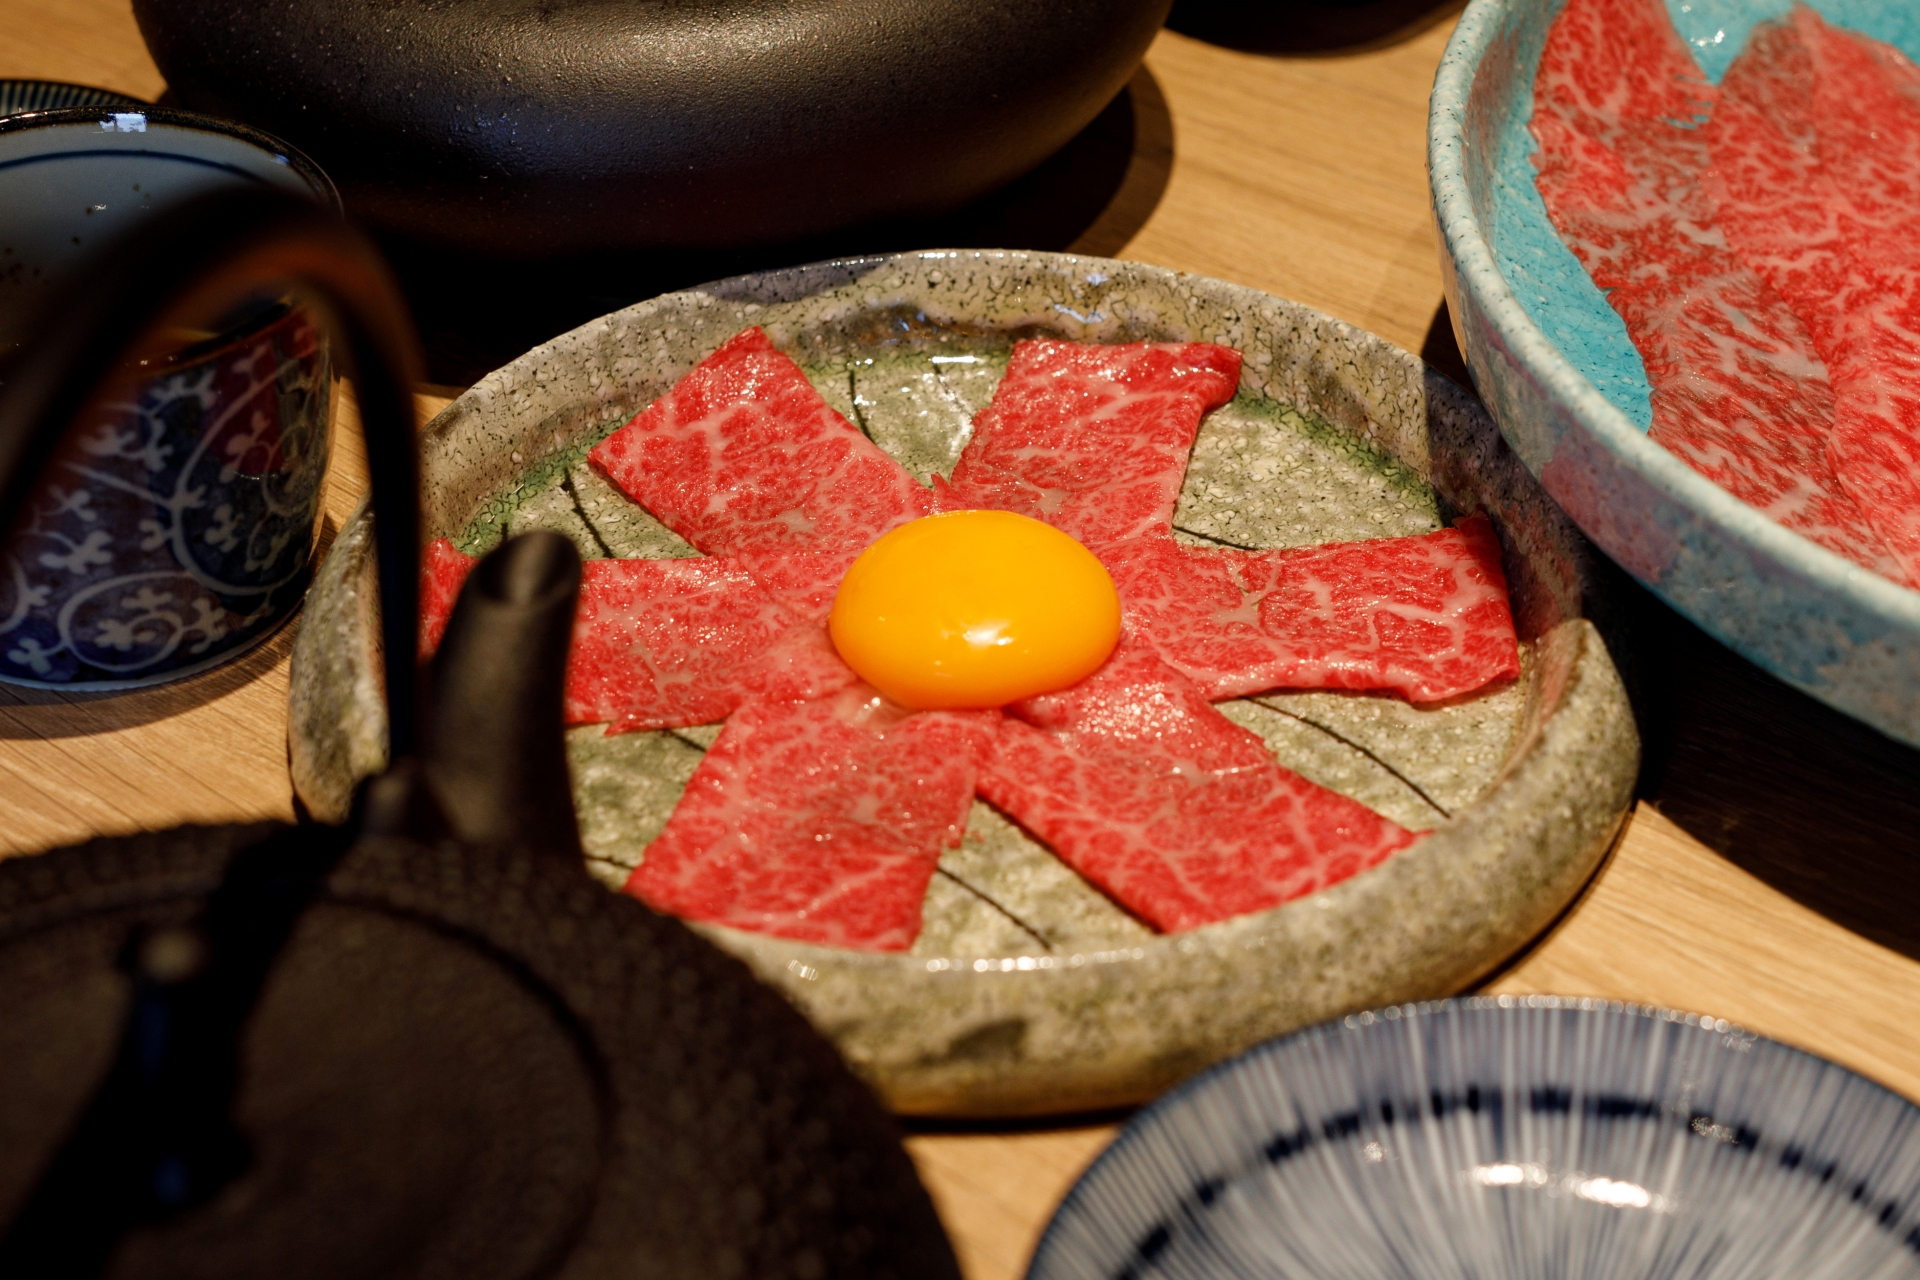 厳選和牛すき焼きをカジュアルに「月邸ト蕎⻨ SUKIYUNO」&絶品みえまぐろに舌鼓を打つ「日本酒とSAKANA 魚や」 - MG 2120